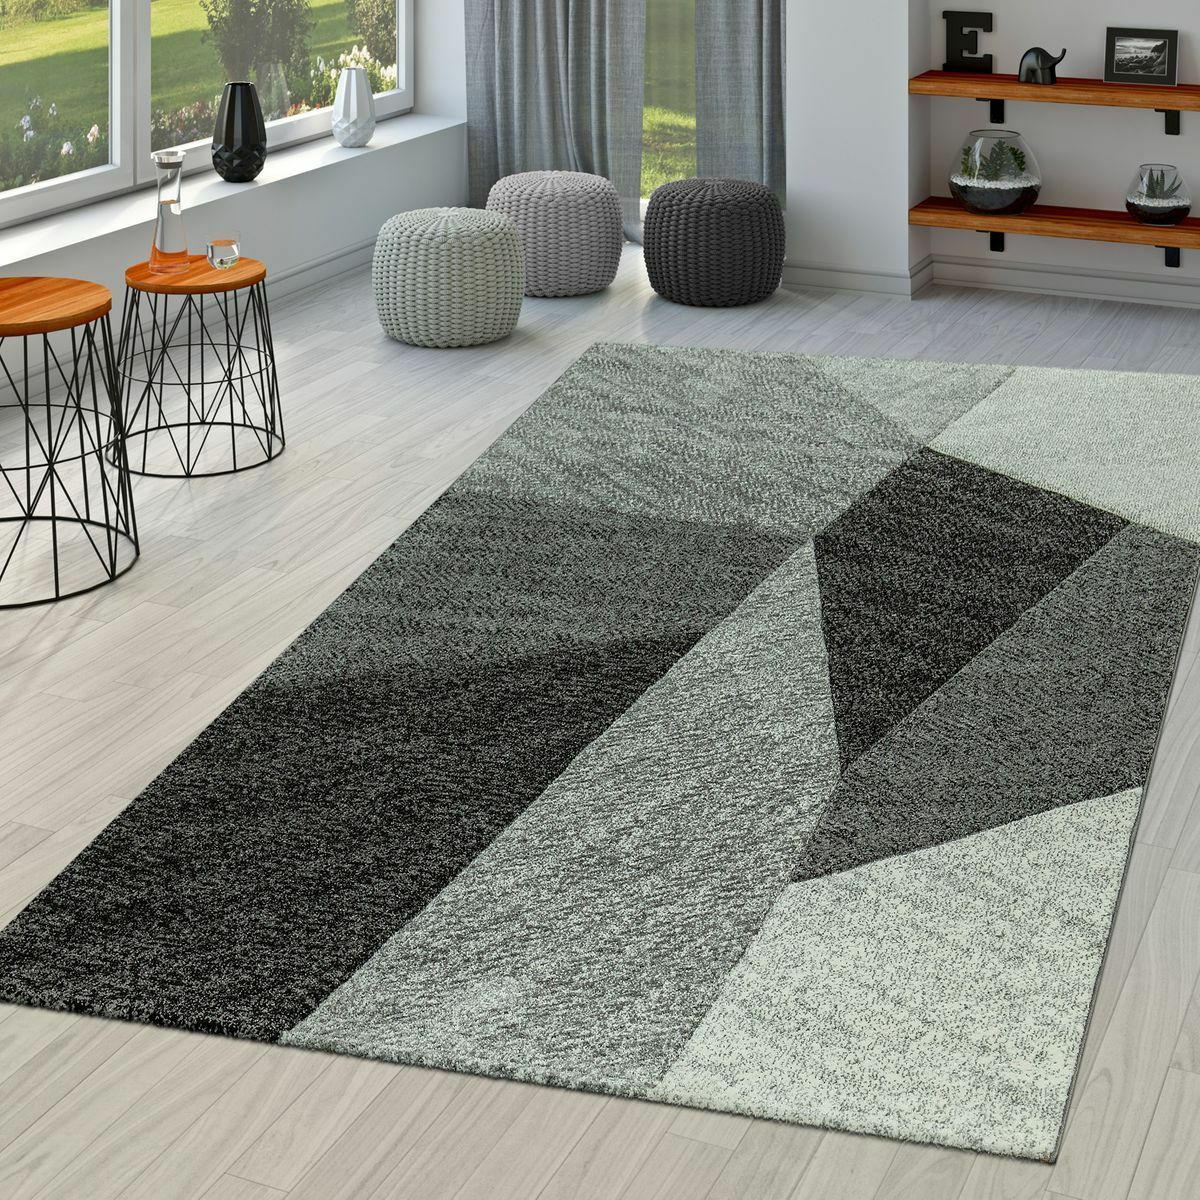 Tappeto moderno a pelo corto per soggiorno aspetto a uncinetto geometrico grigio